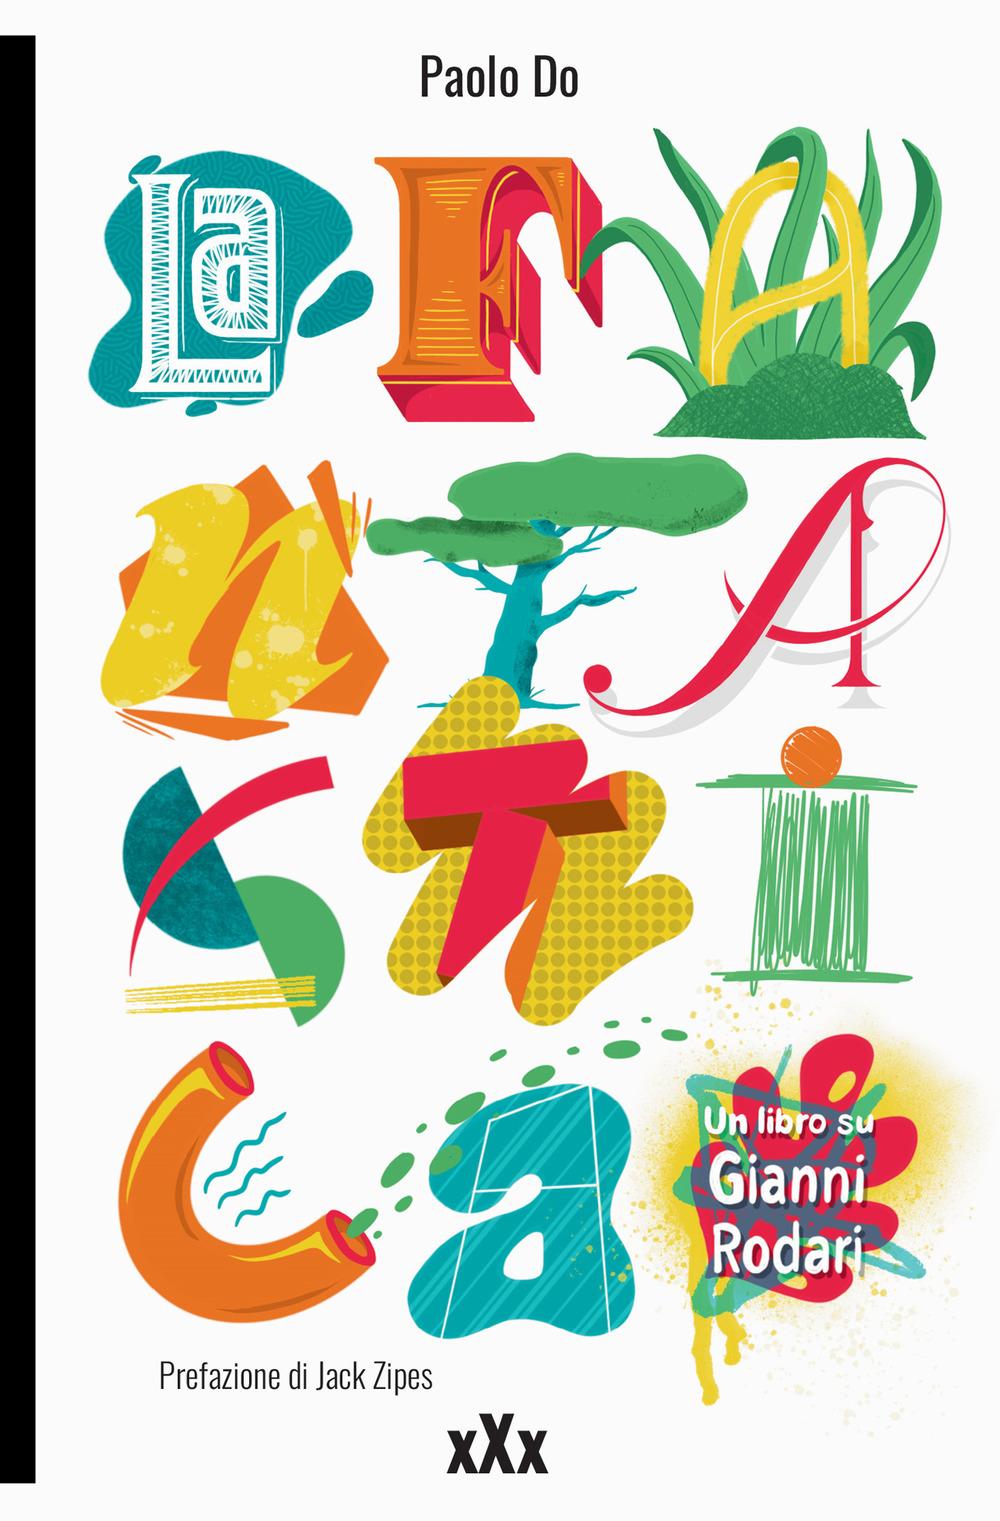 La Fantastica. Un libro su Gianni Rodari